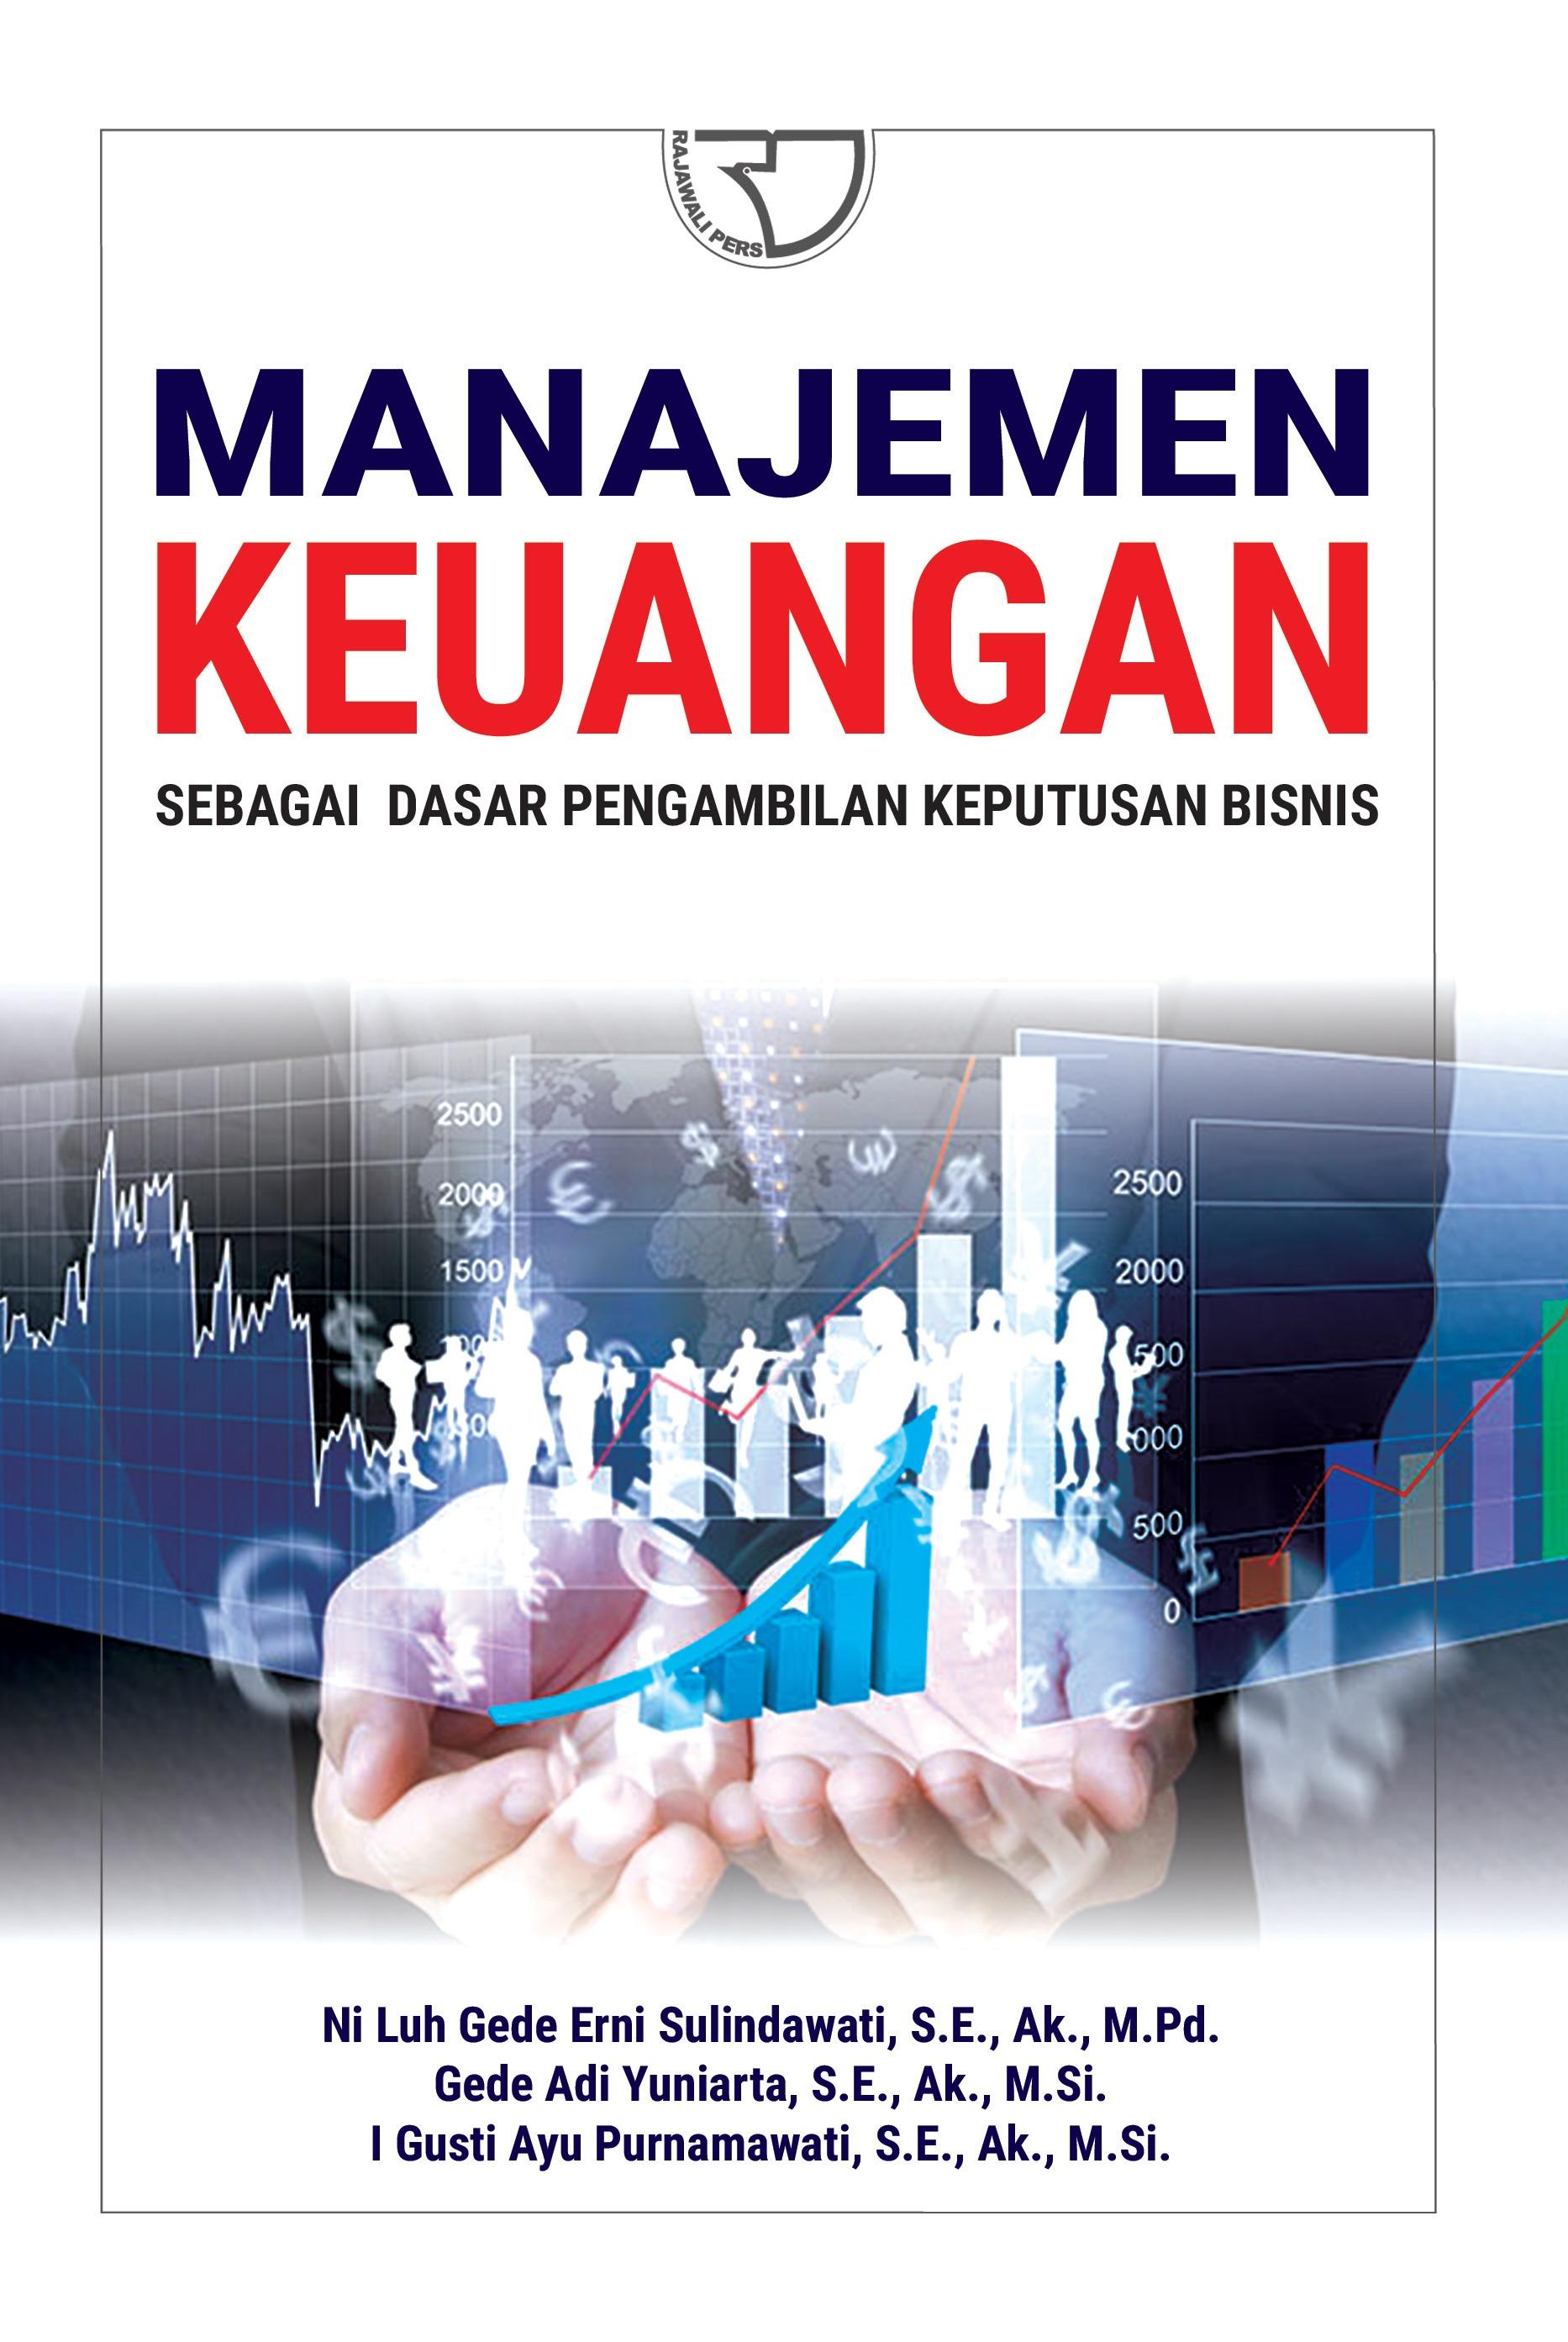 Manajemen Keuangan Sebagai Dasar Pengambilan Keputusan Bisnis